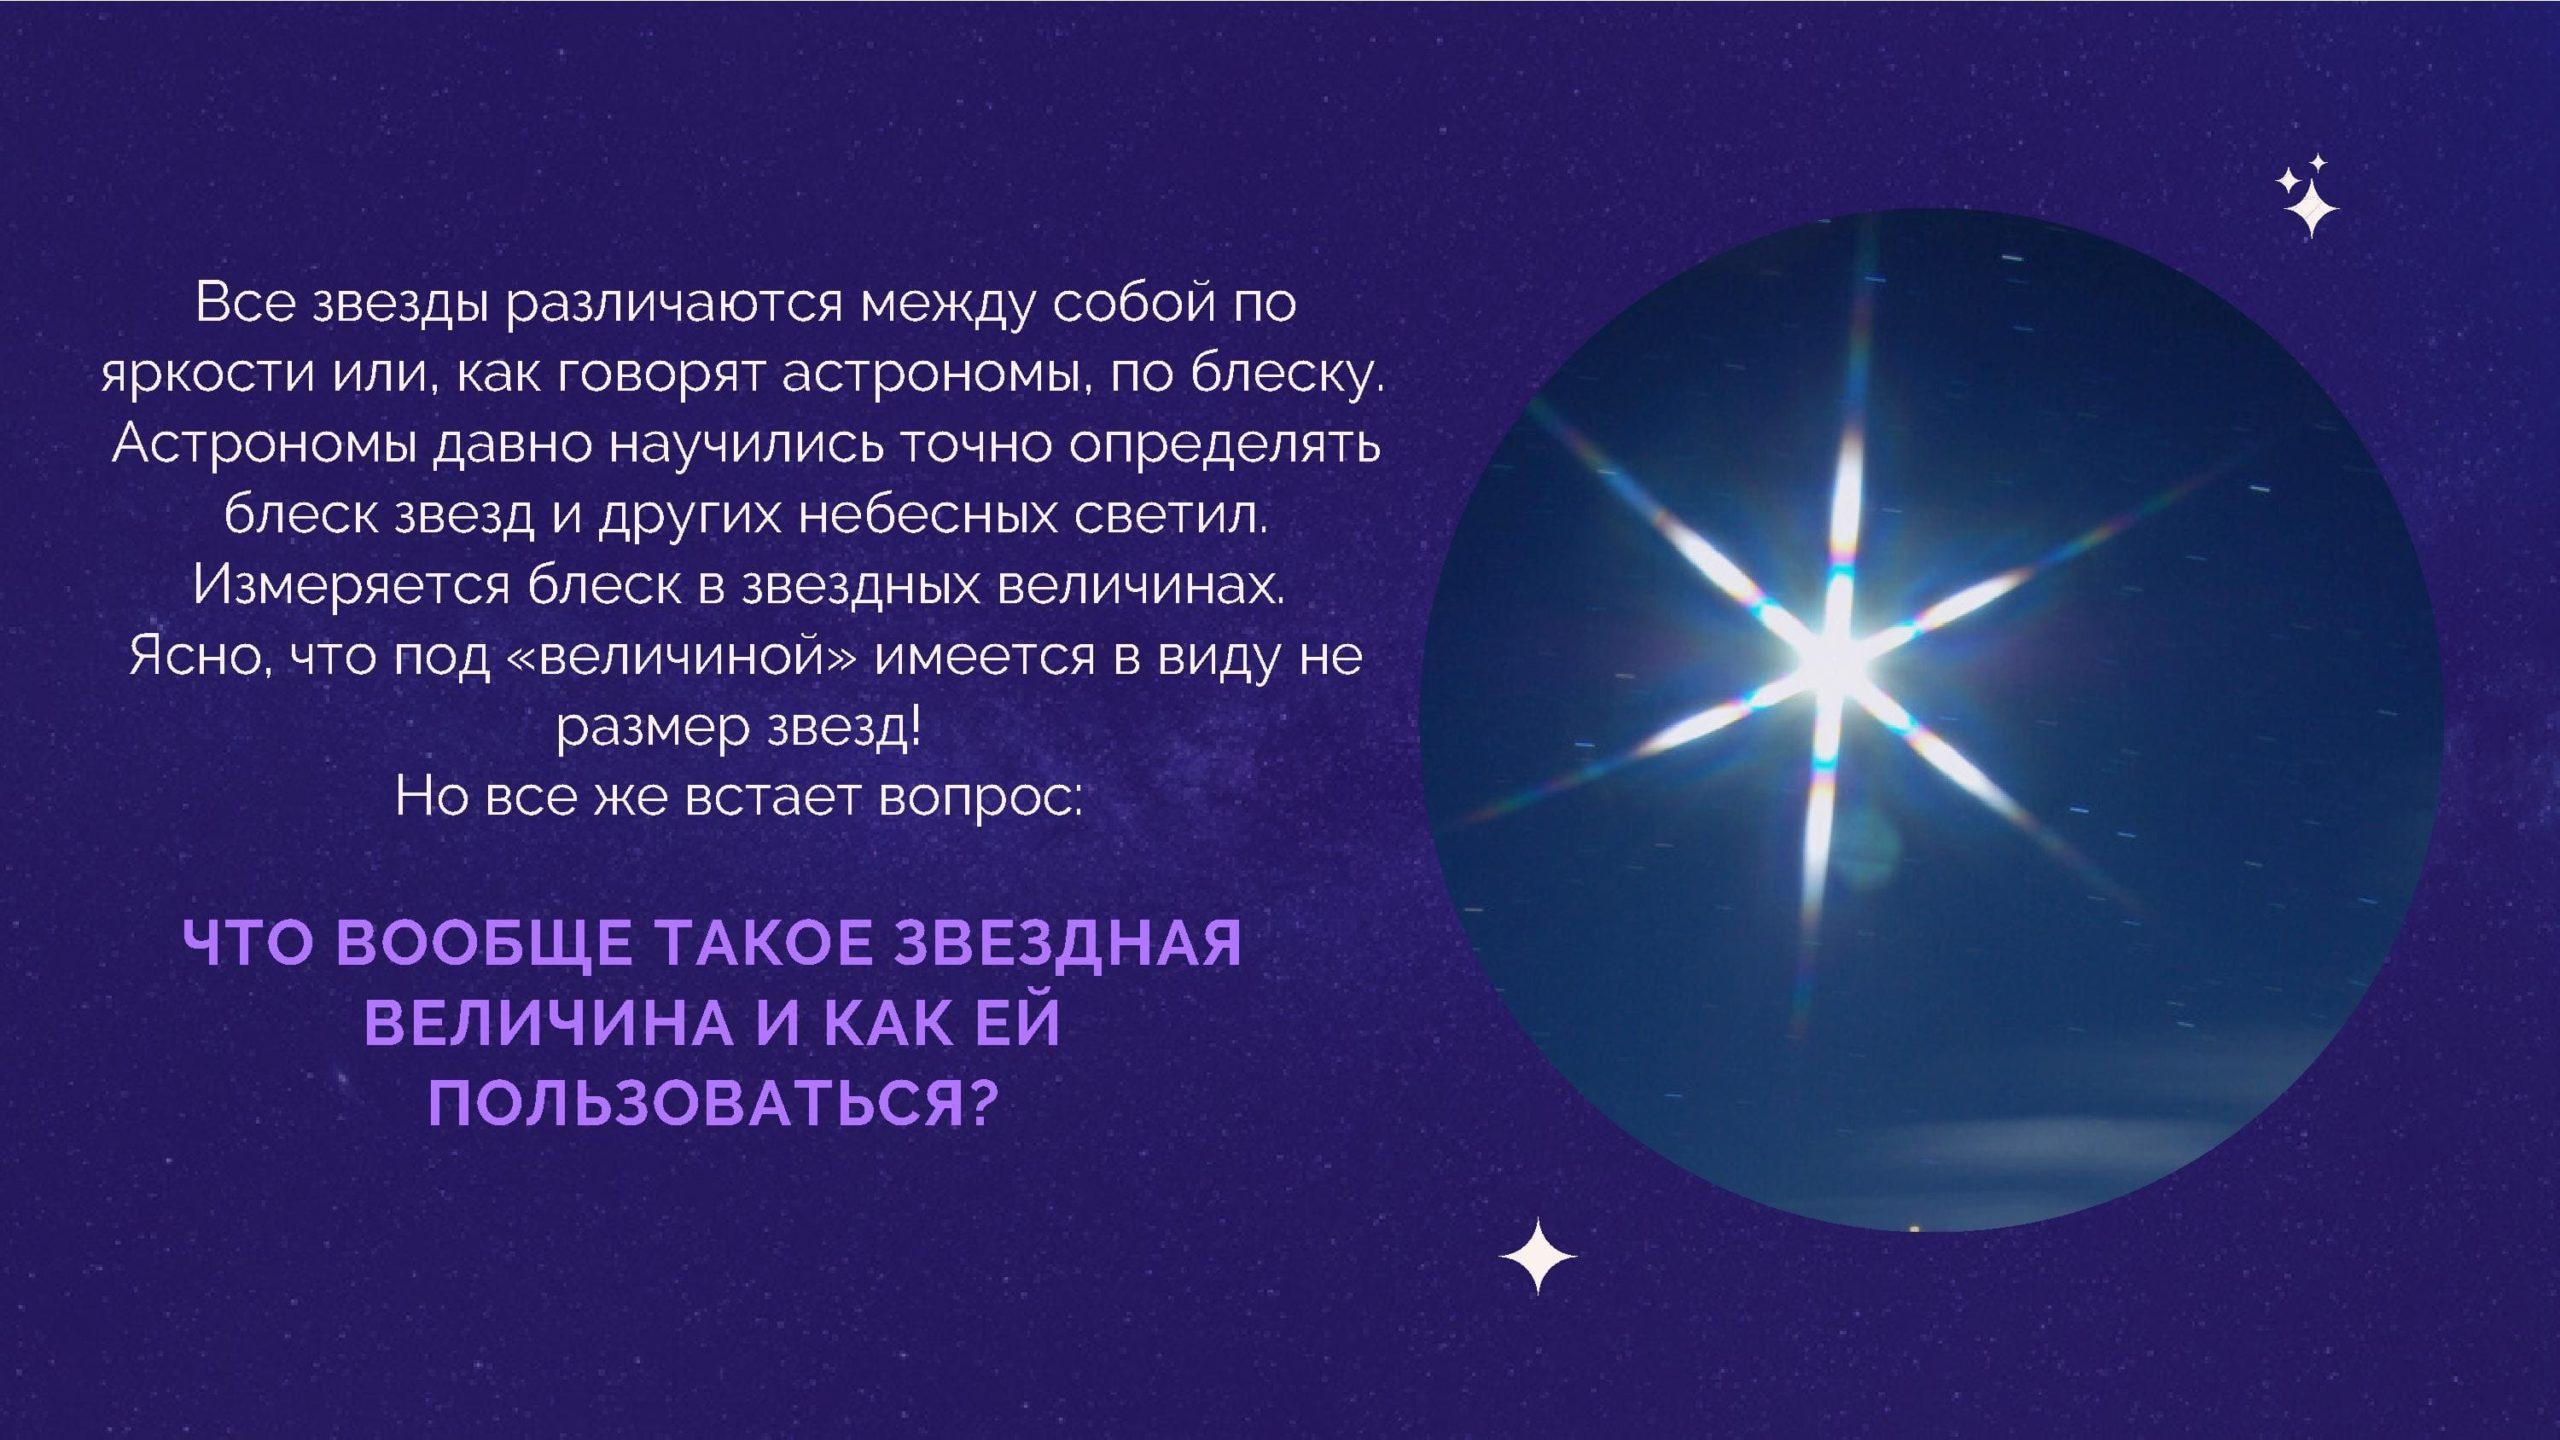 Что вообще такое звездная величина и как ей пользоваться?